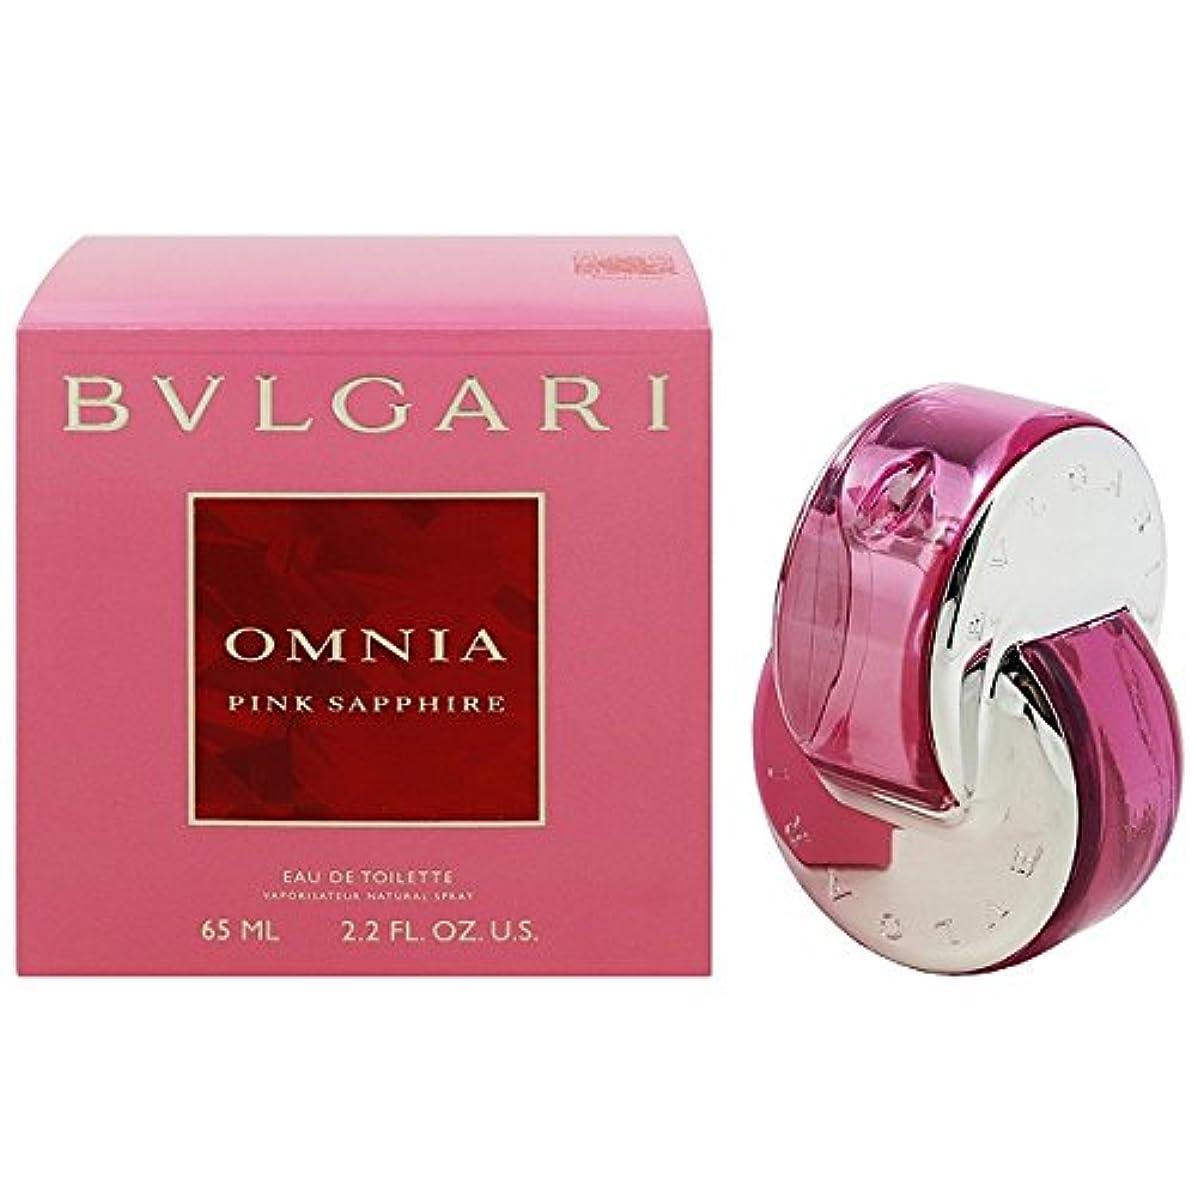 線有彩色のウェイドブルガリ オムニア ピンク サファイヤ(ピンク サファイア) EDT スプレー 65ml ブルガリ BVLGARI